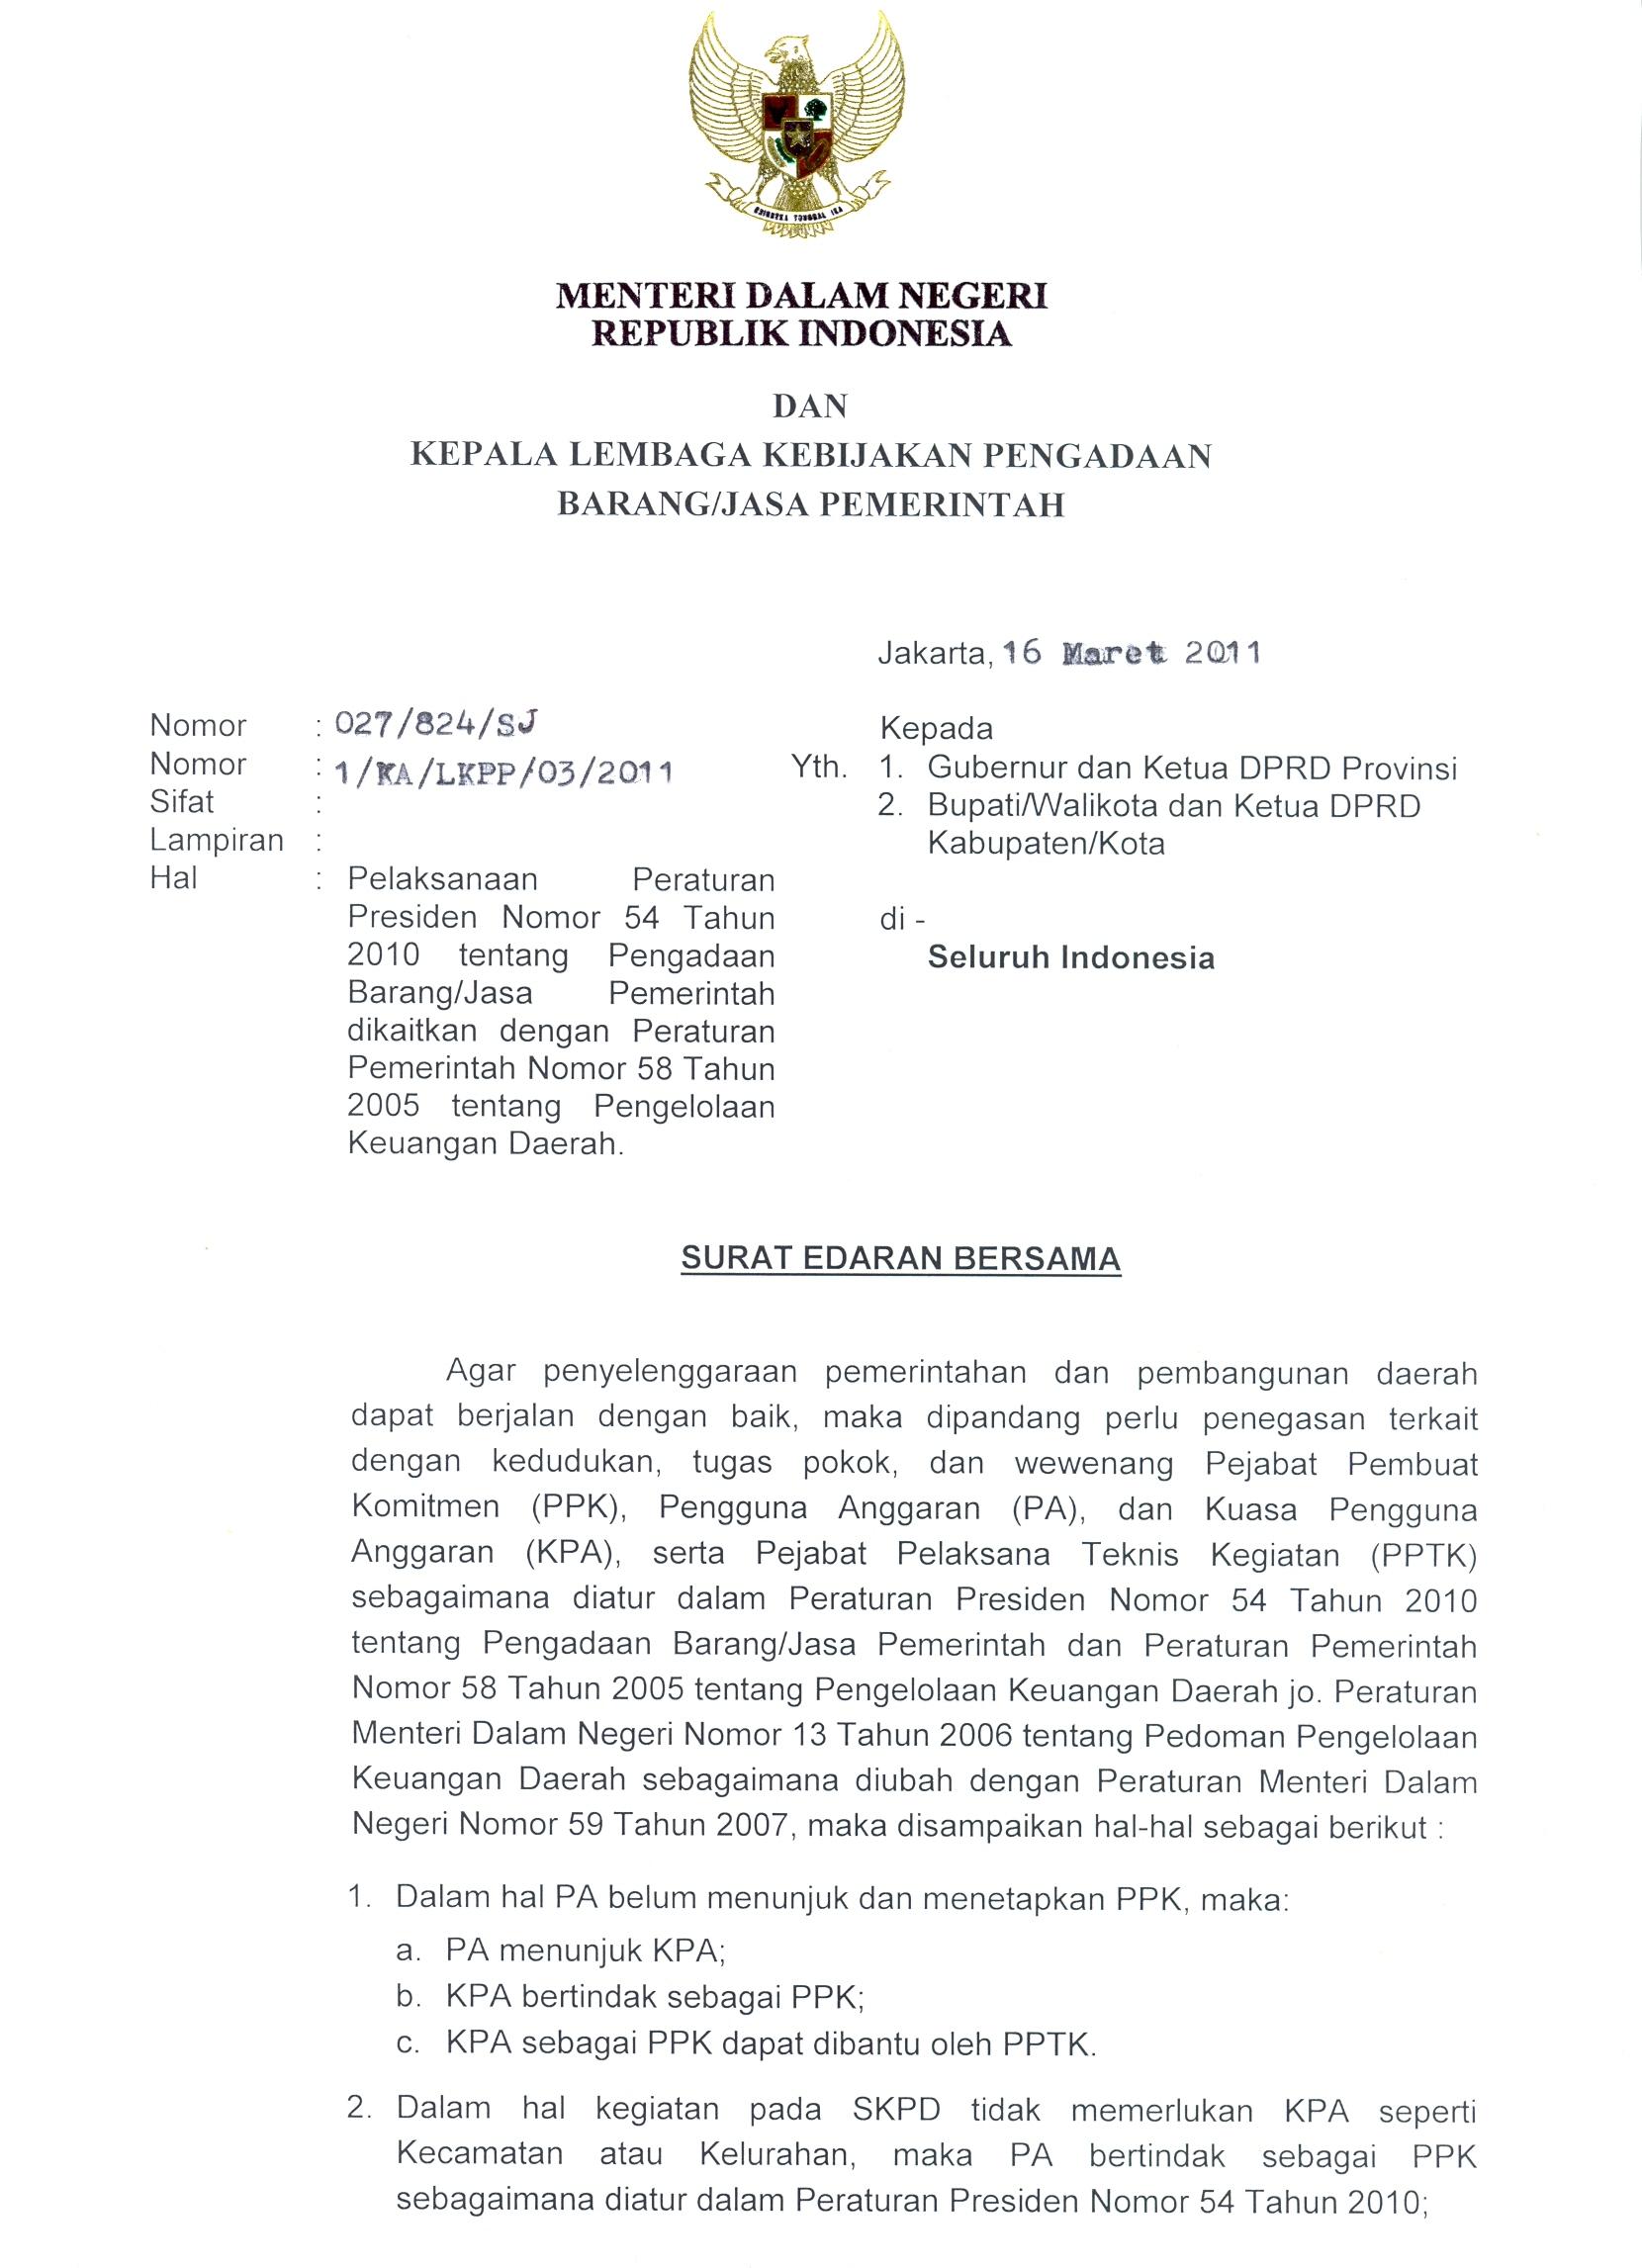 Pengadaan Barang/Jasa Pemerintah: March 2012